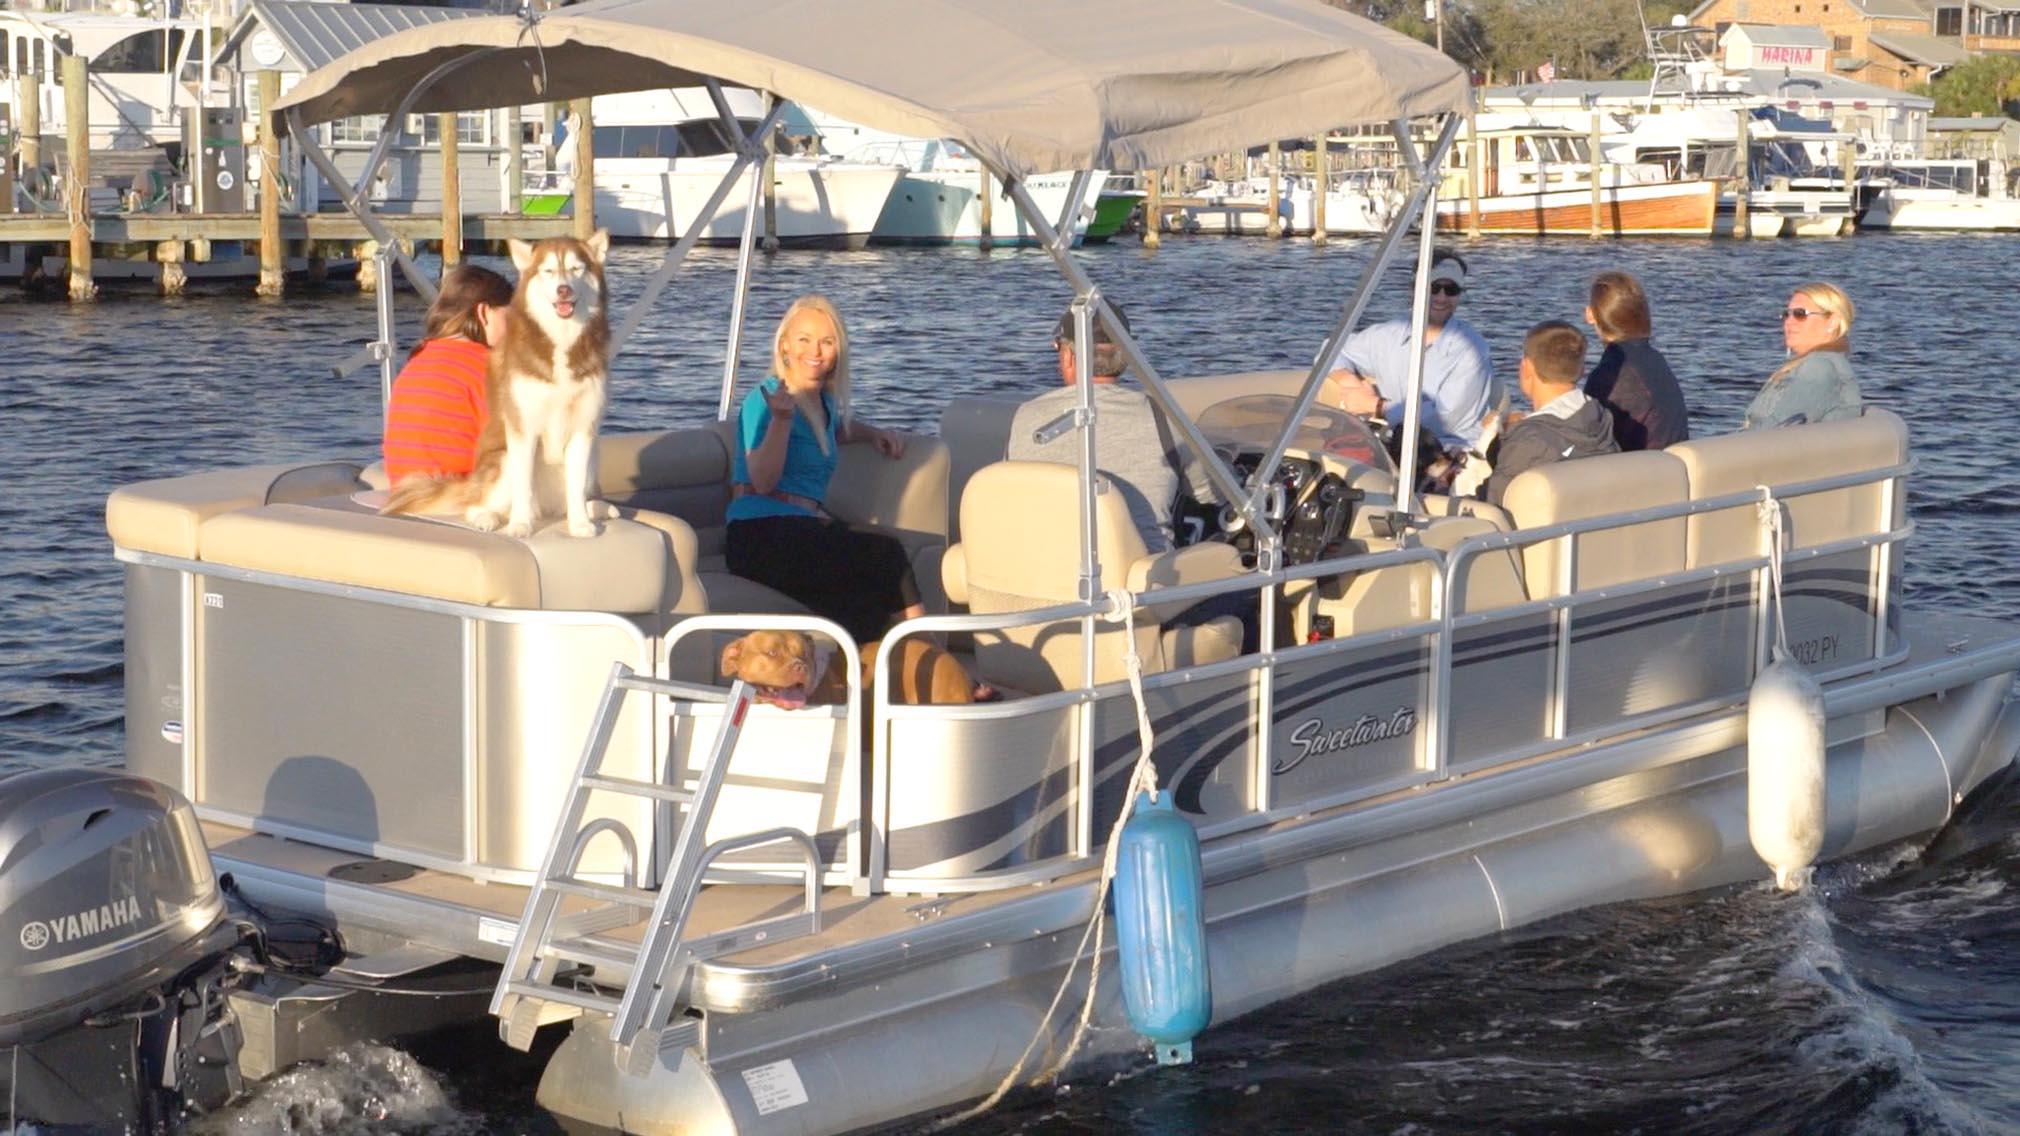 Slide-On-a-boat